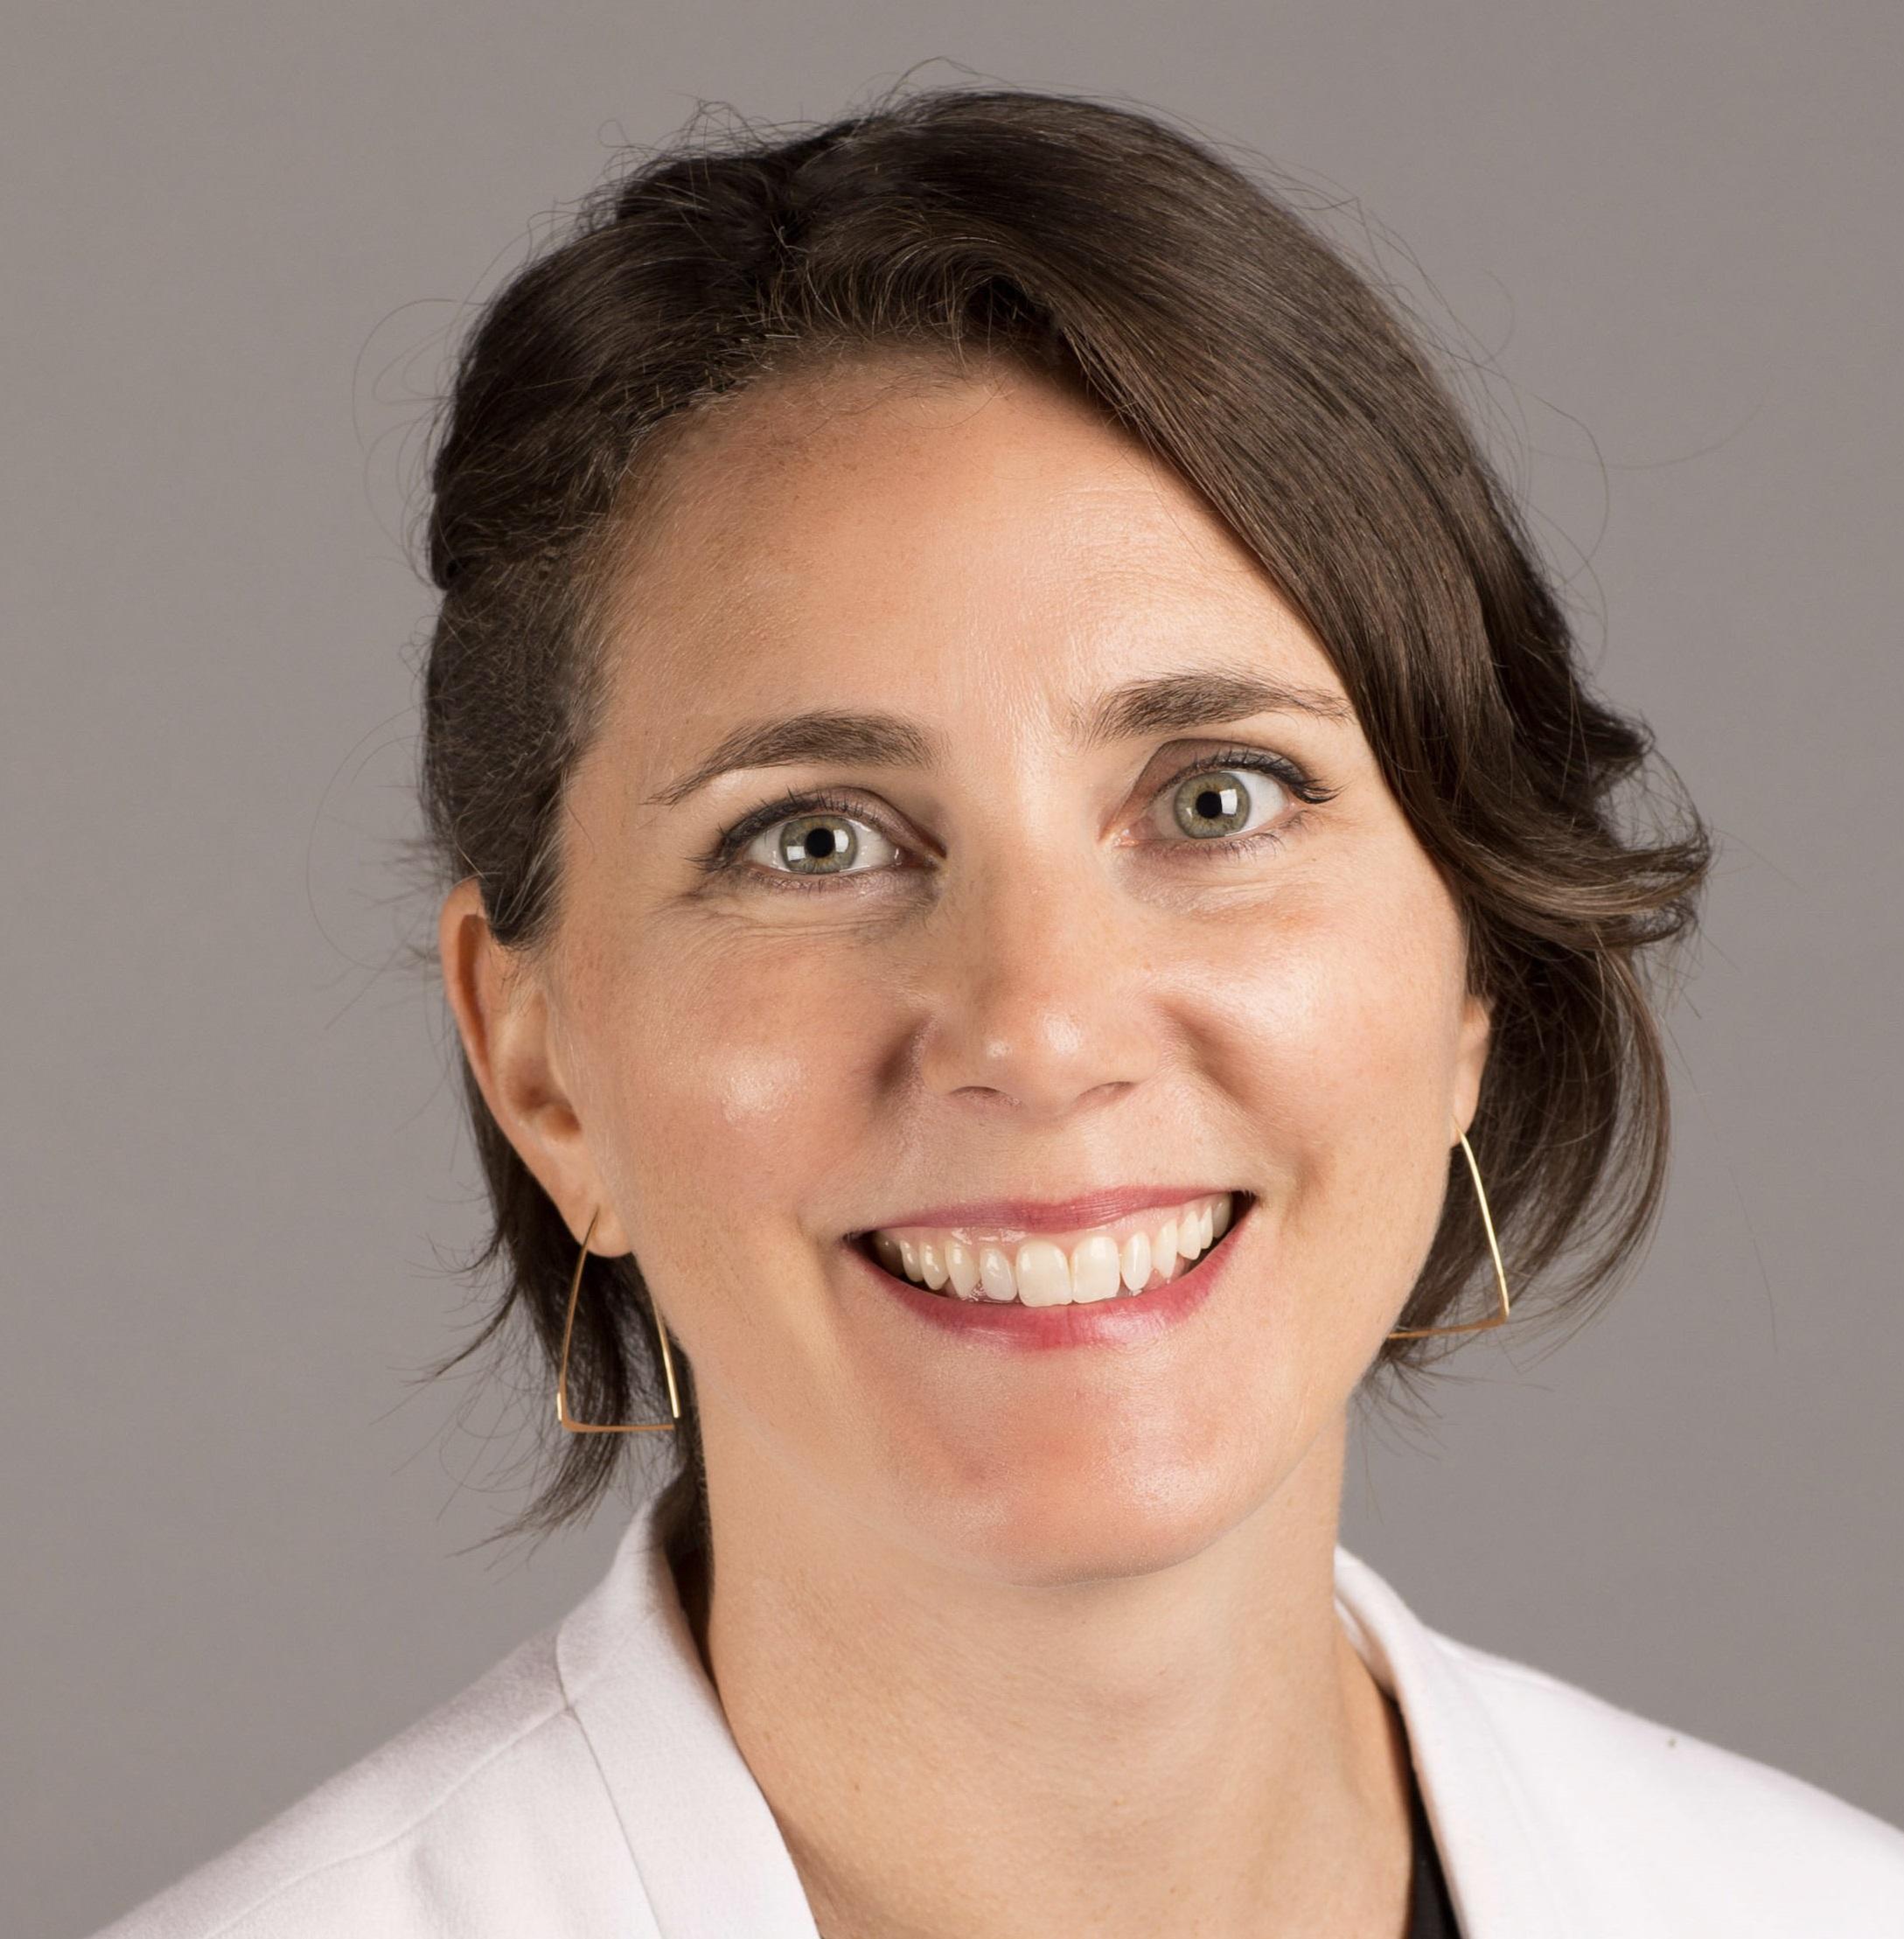 Kate Modolo